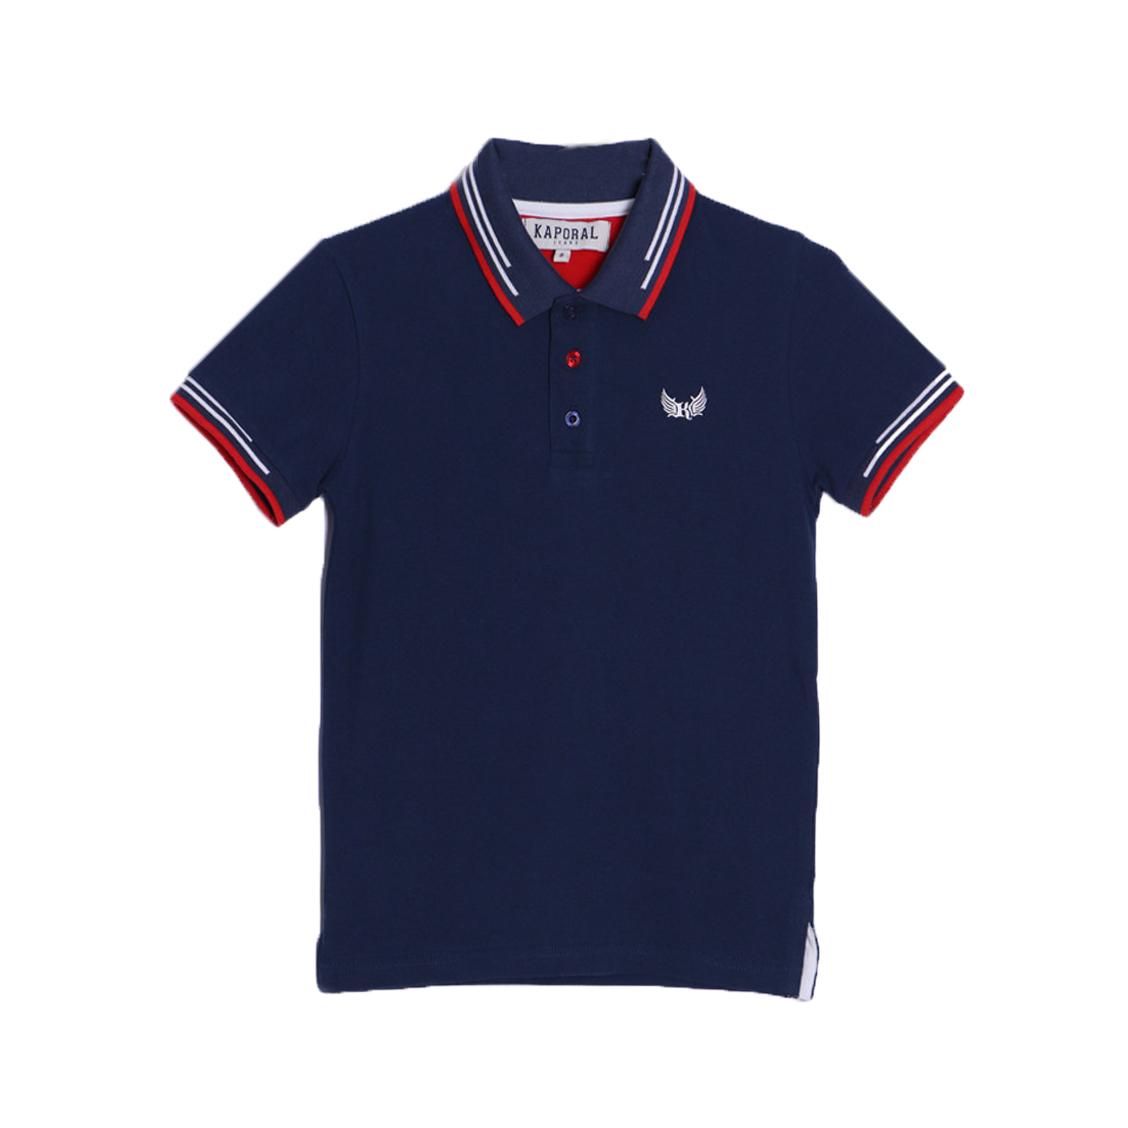 Polo  ayoc en piqué de coton bleu marine à détails rouges et blancs